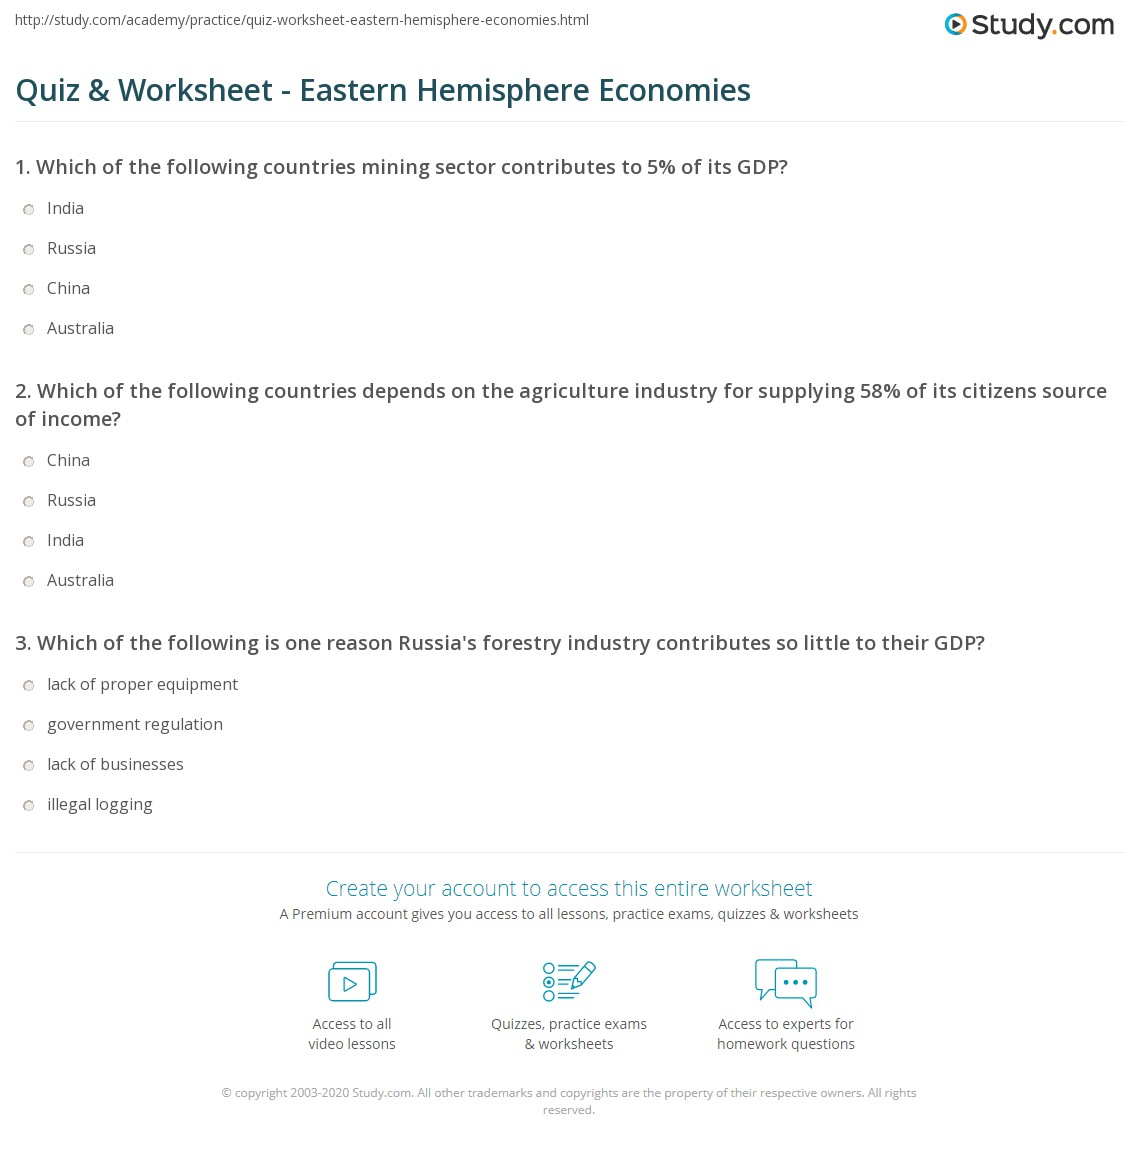 Worksheets Hemisphere Worksheets quiz worksheet eastern hemisphere economies study com print the of worksheet